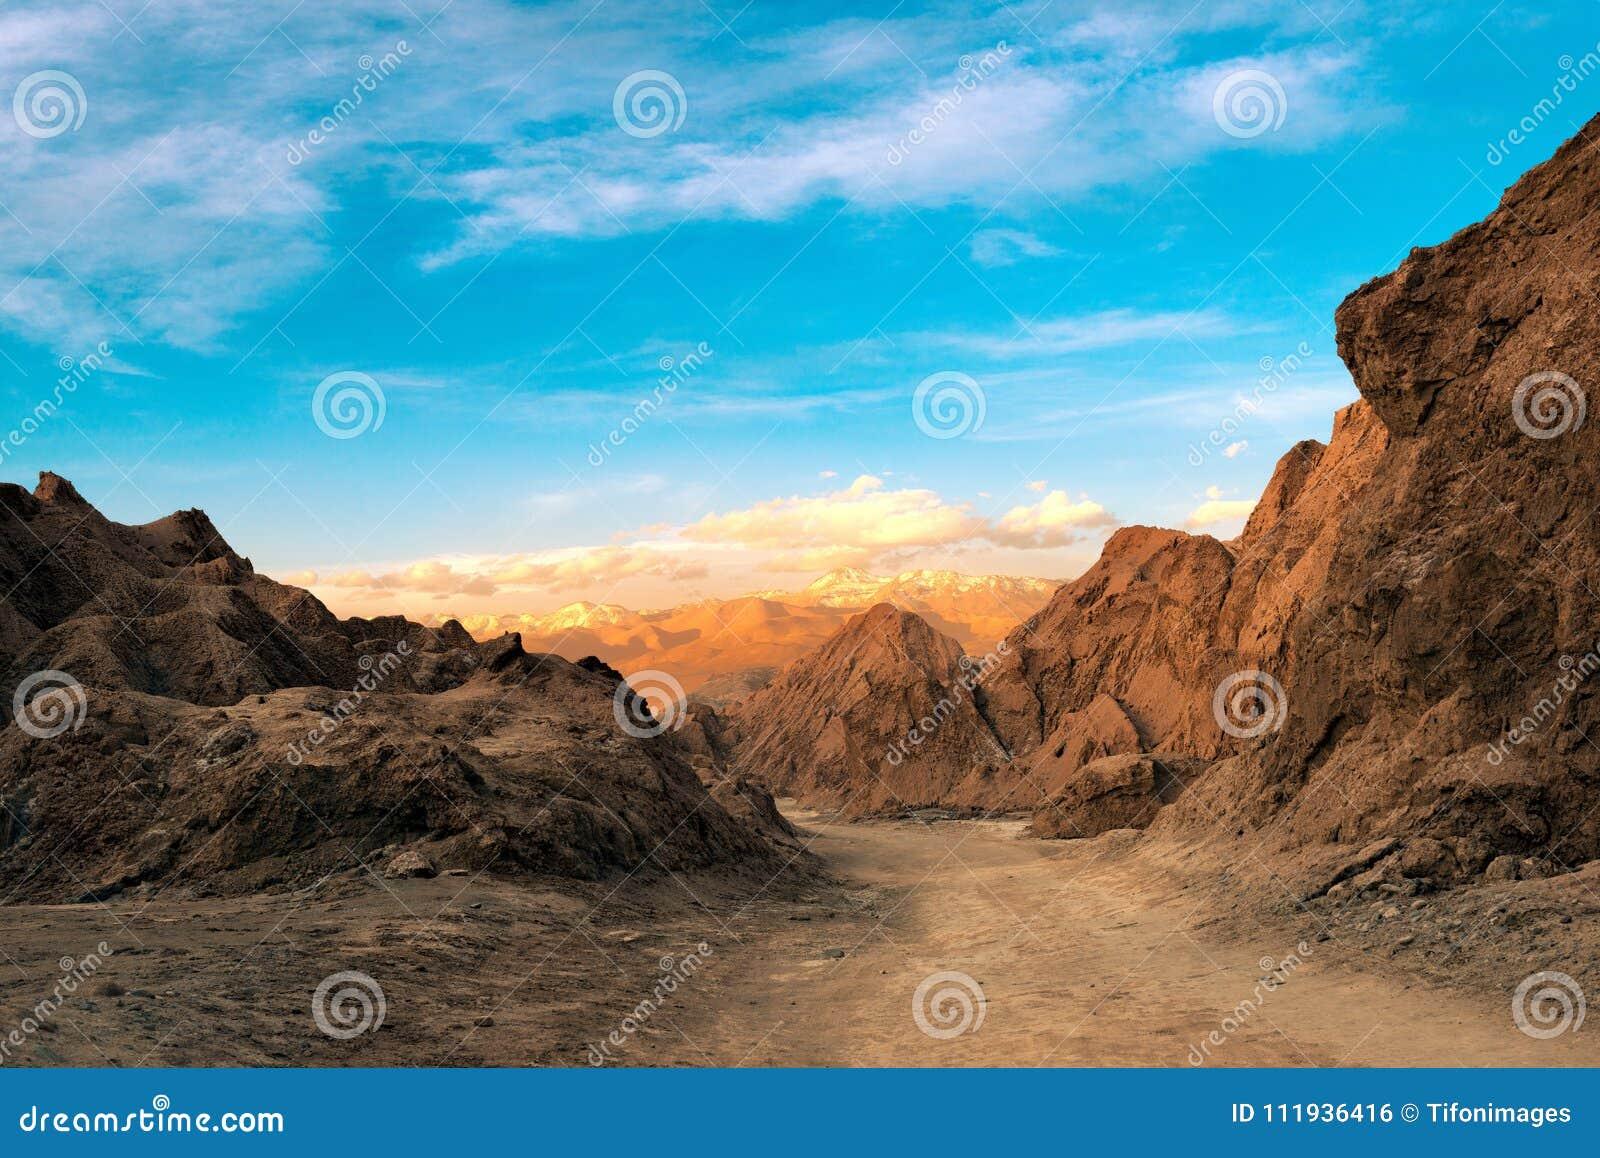 死亡谷的看法盐山脉的在阿塔卡马沙漠